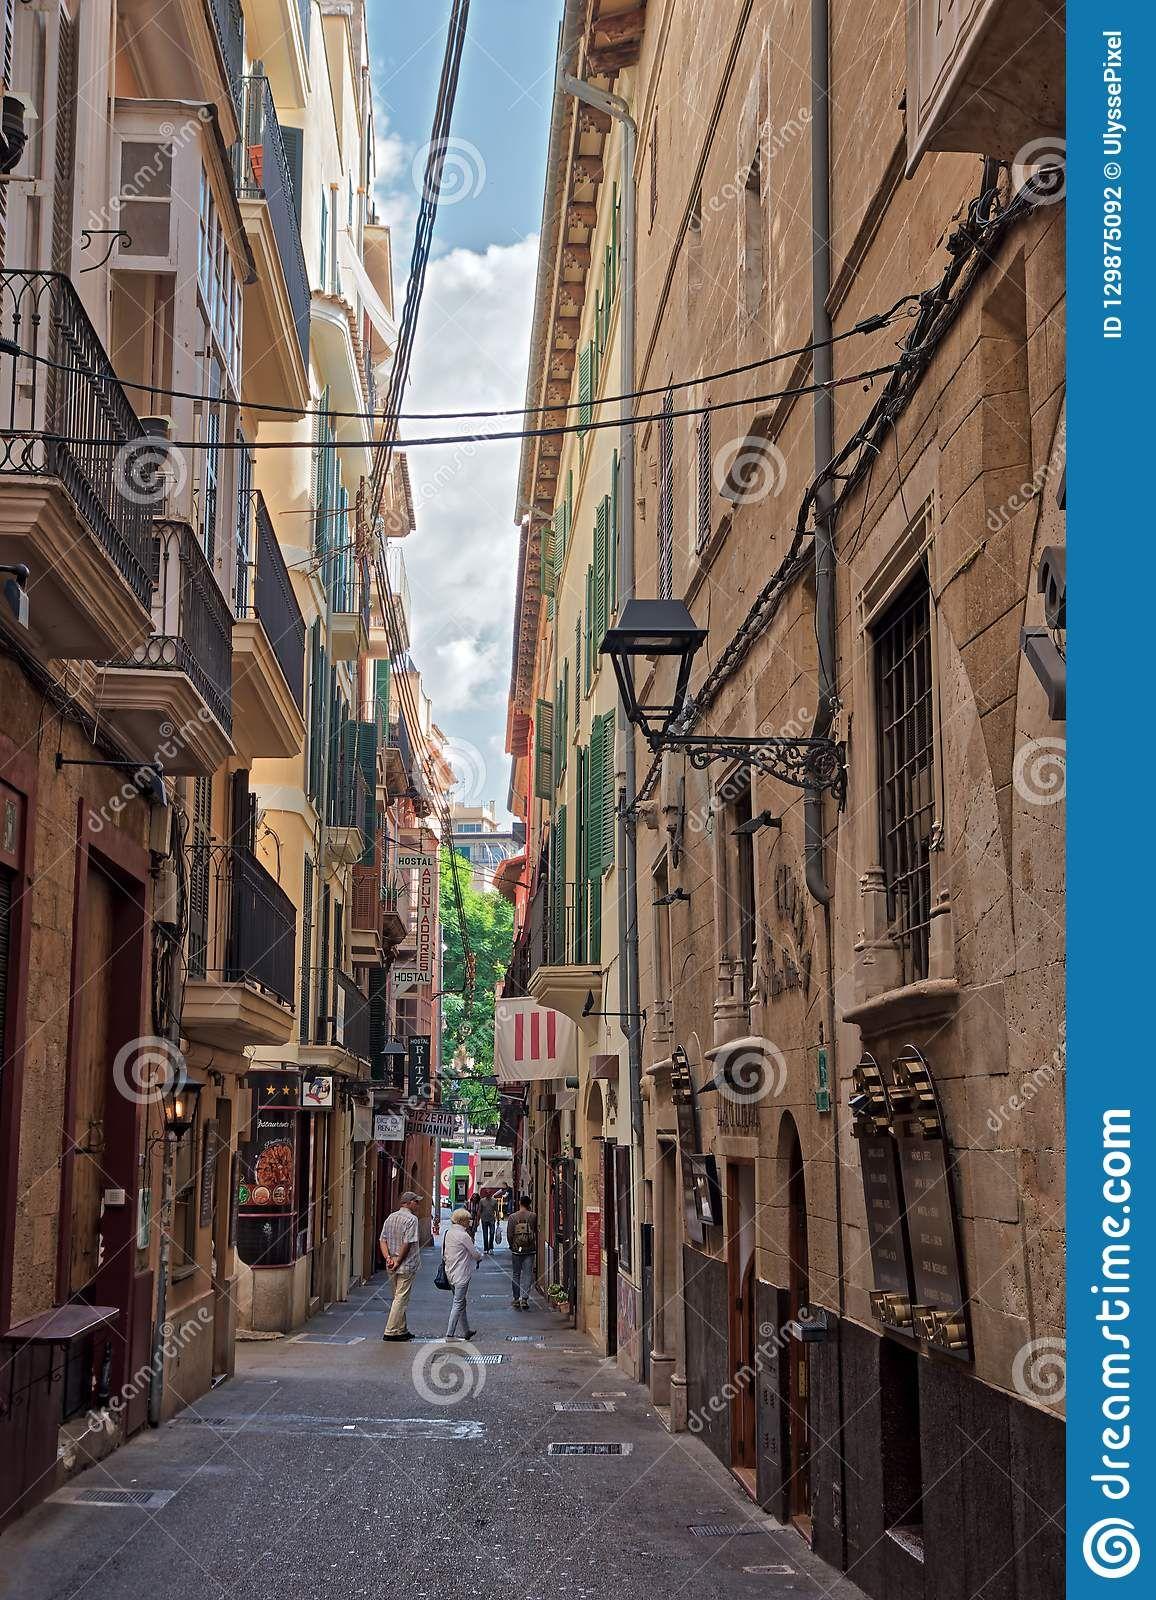 old town of palma de mallorca spain